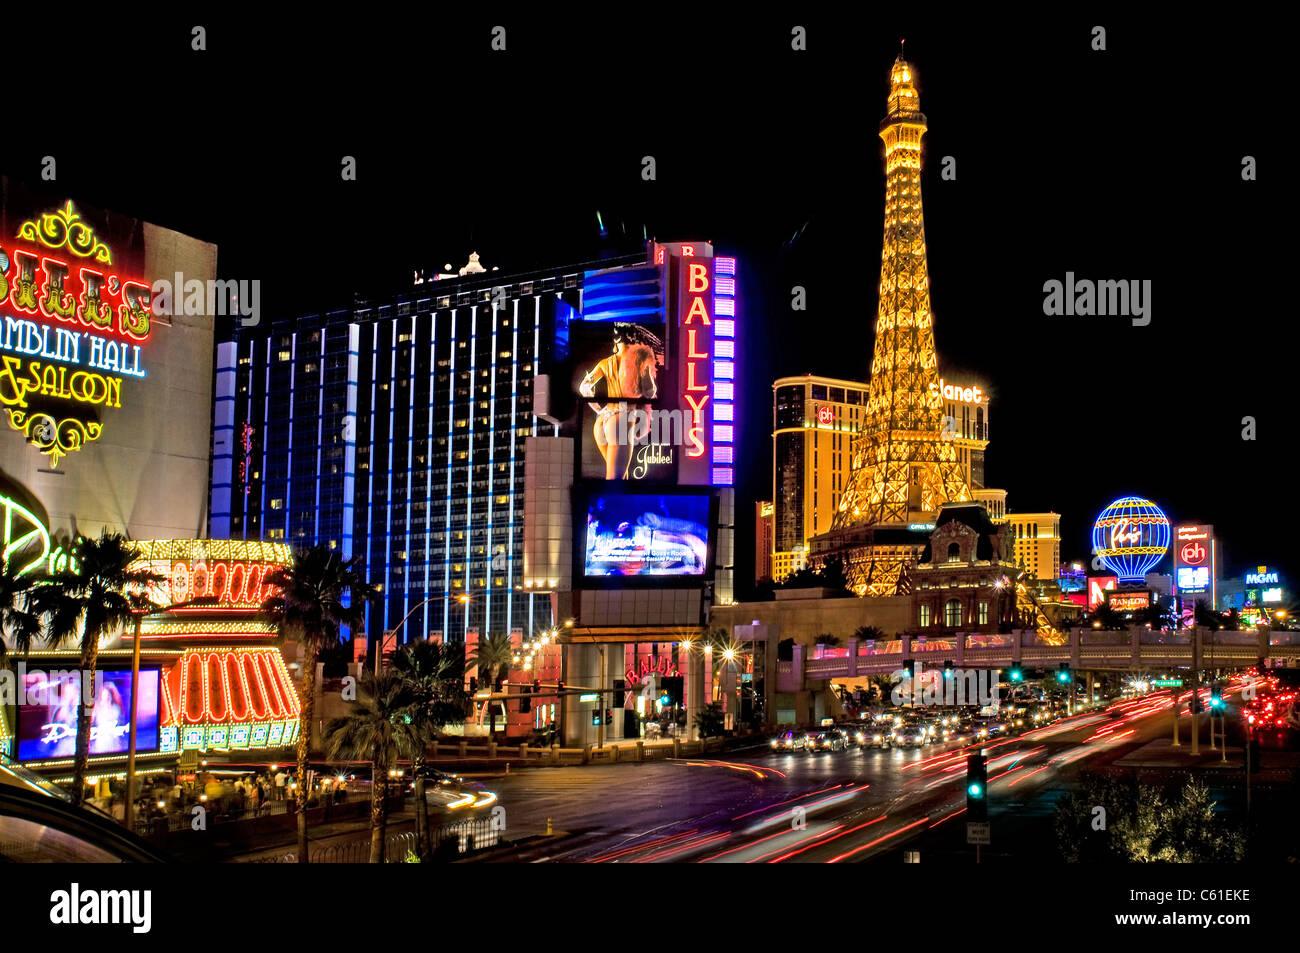 Las Vegas Nevada: Las Vegas NV Nevada City Night Nighttime Stock Photo